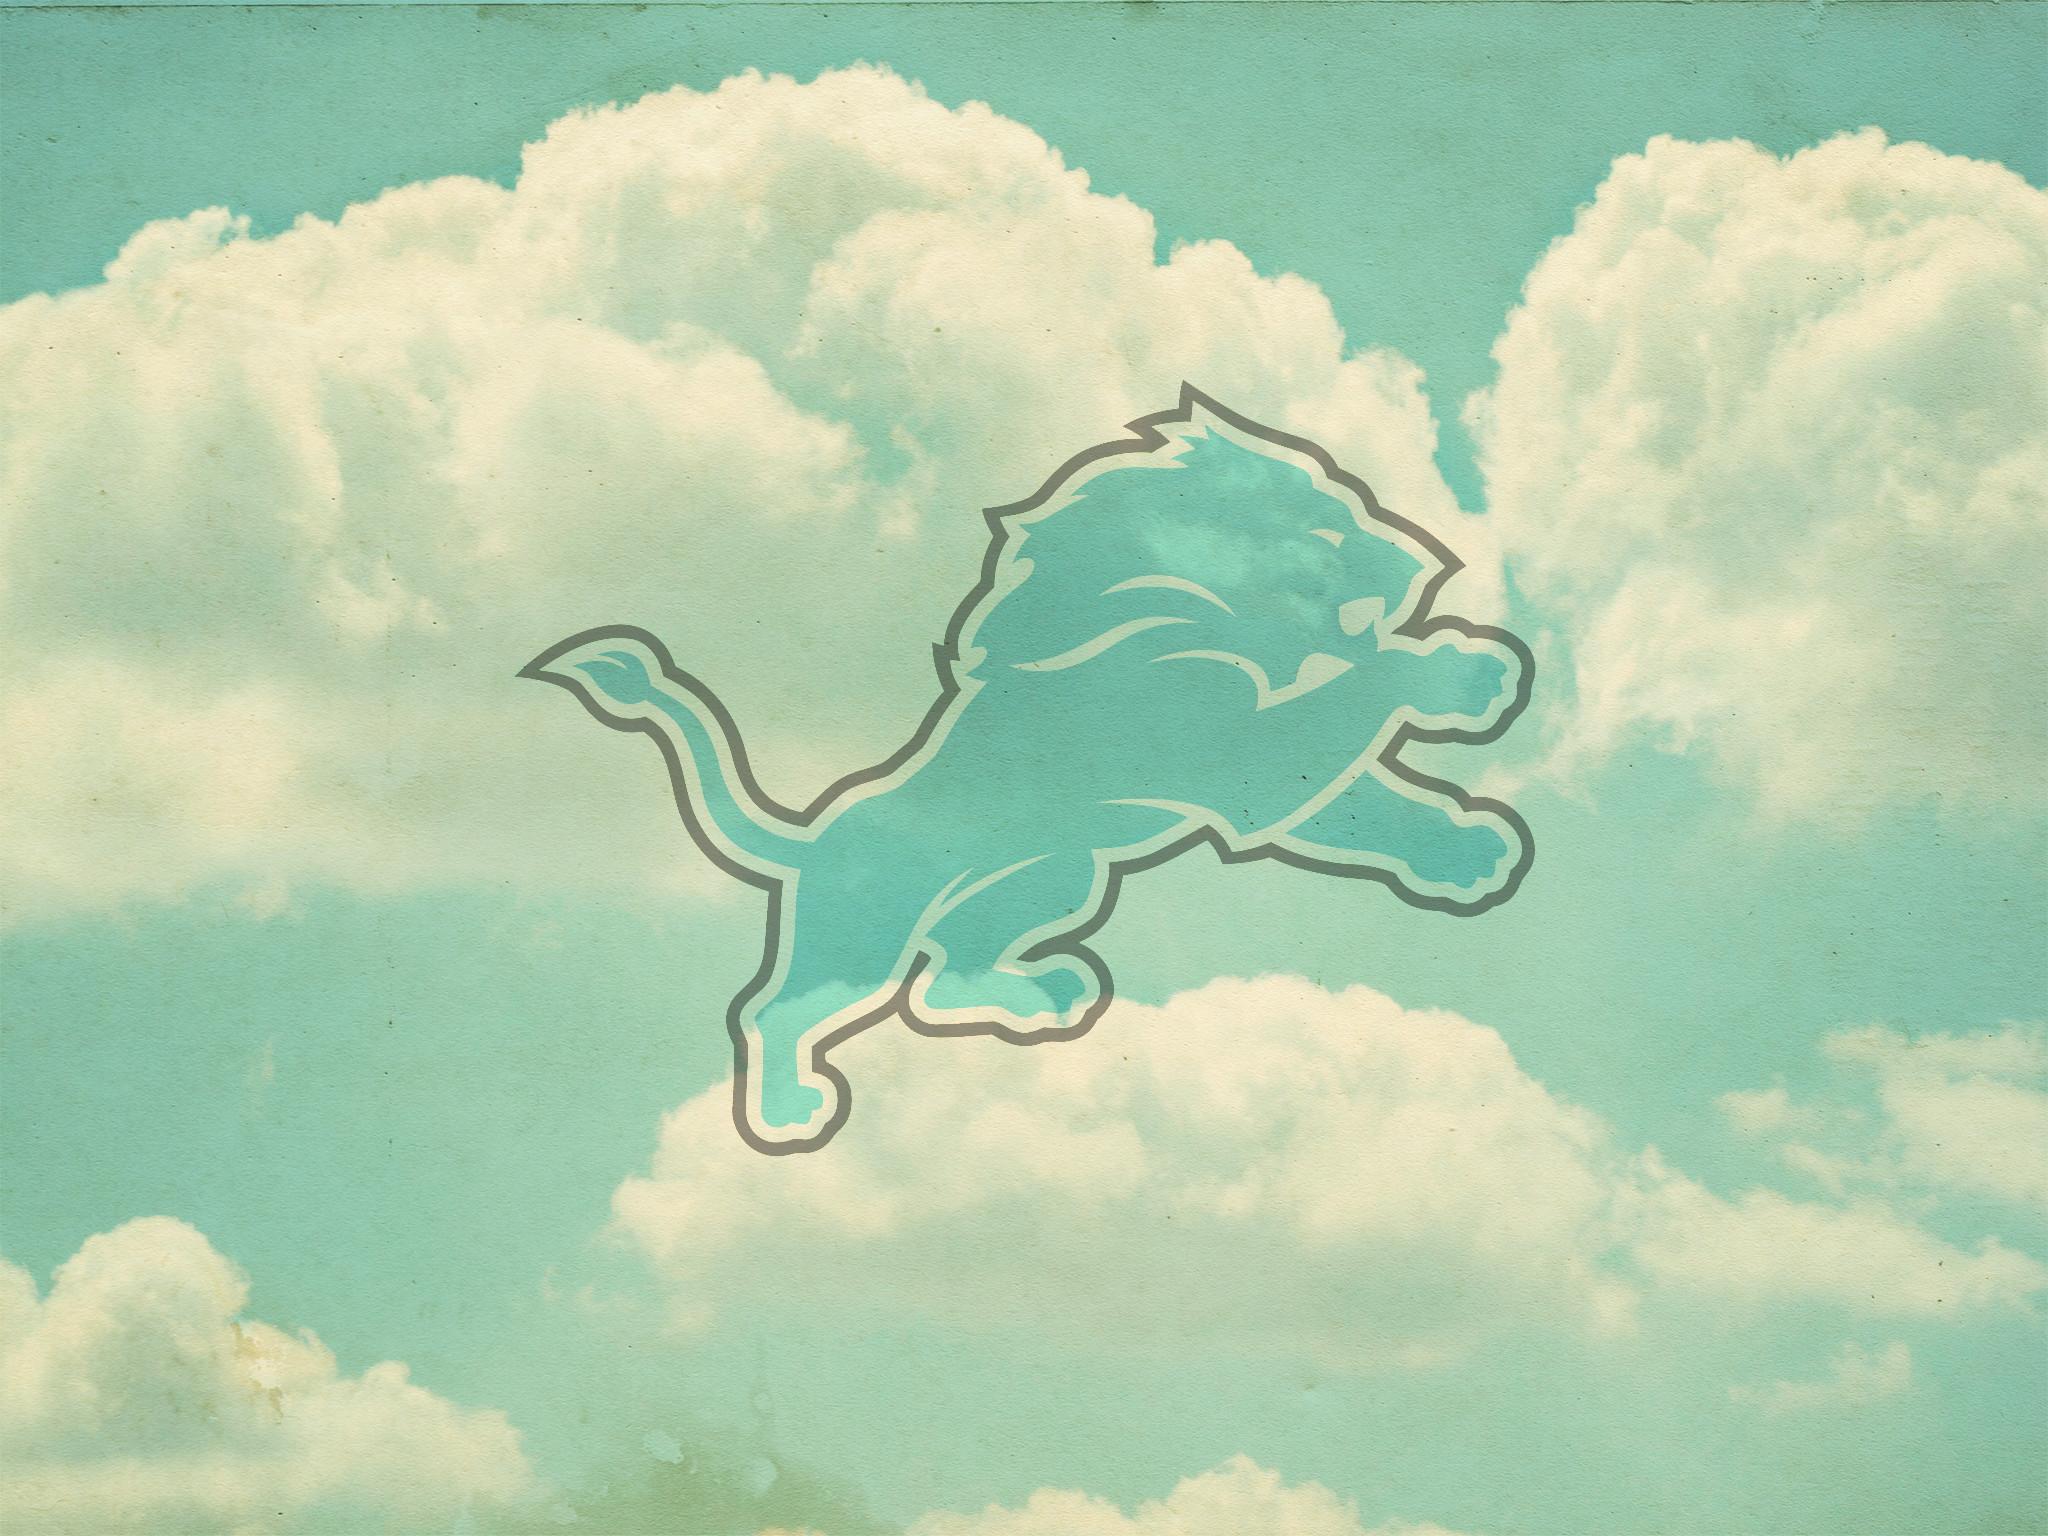 Detroit Lions Wallpaper, 35+ HD Detroit Lions Wallpapers   Best Games  Wallpapers   Pinterest   Lion wallpaper and Wallpaper